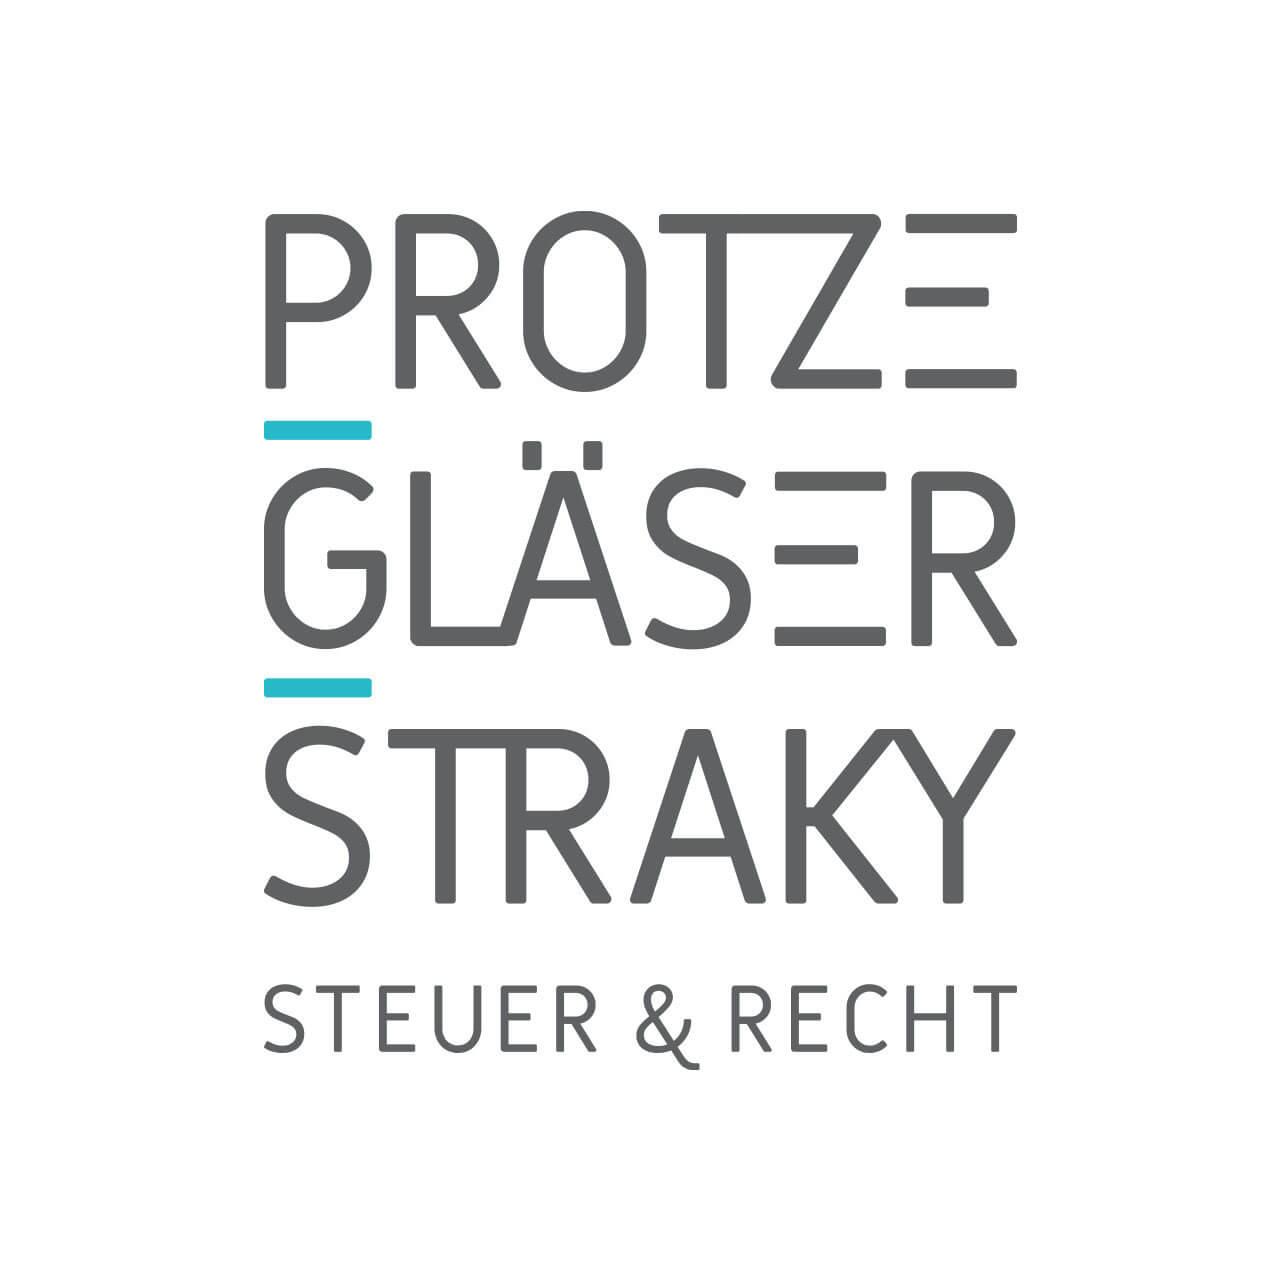 Corporate-Design Logo-Design der Steuerkanzlei PROTZE GLÄSER STRAKY aus Frankfurt am Main